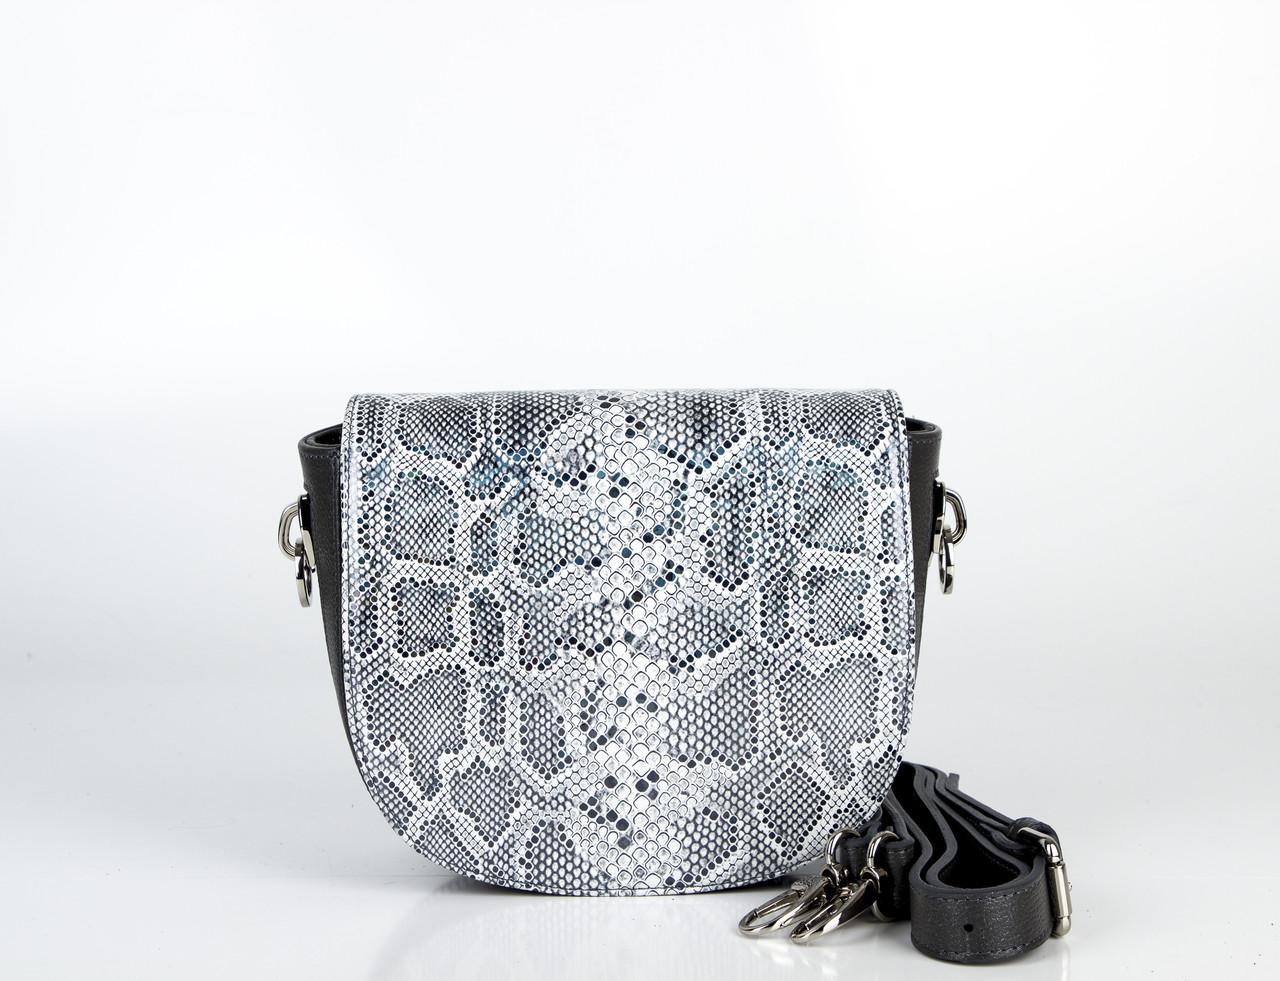 Шкіряна сумка жіноча сіра з тисненням Assa 1096-1